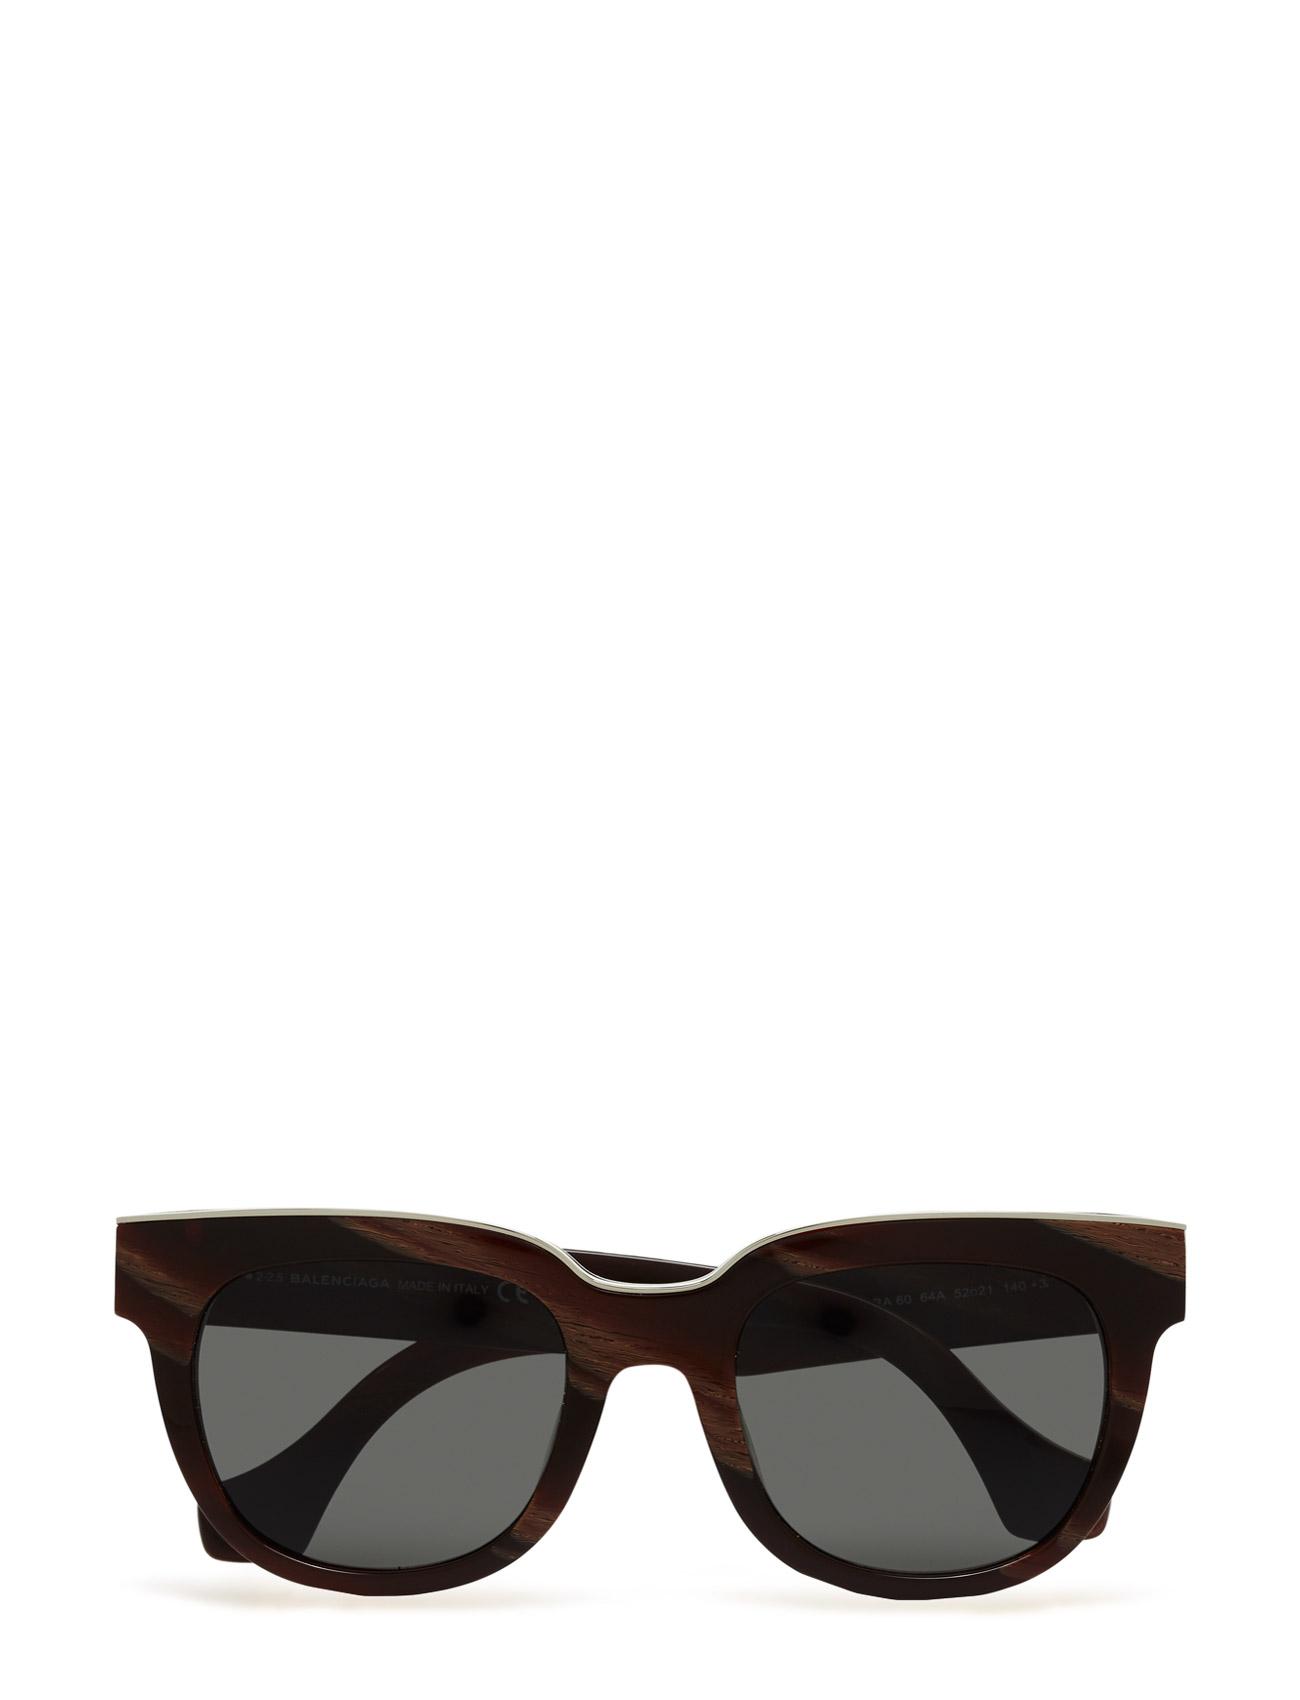 balenciaga sunglasses – Ba0060 på boozt.com dk